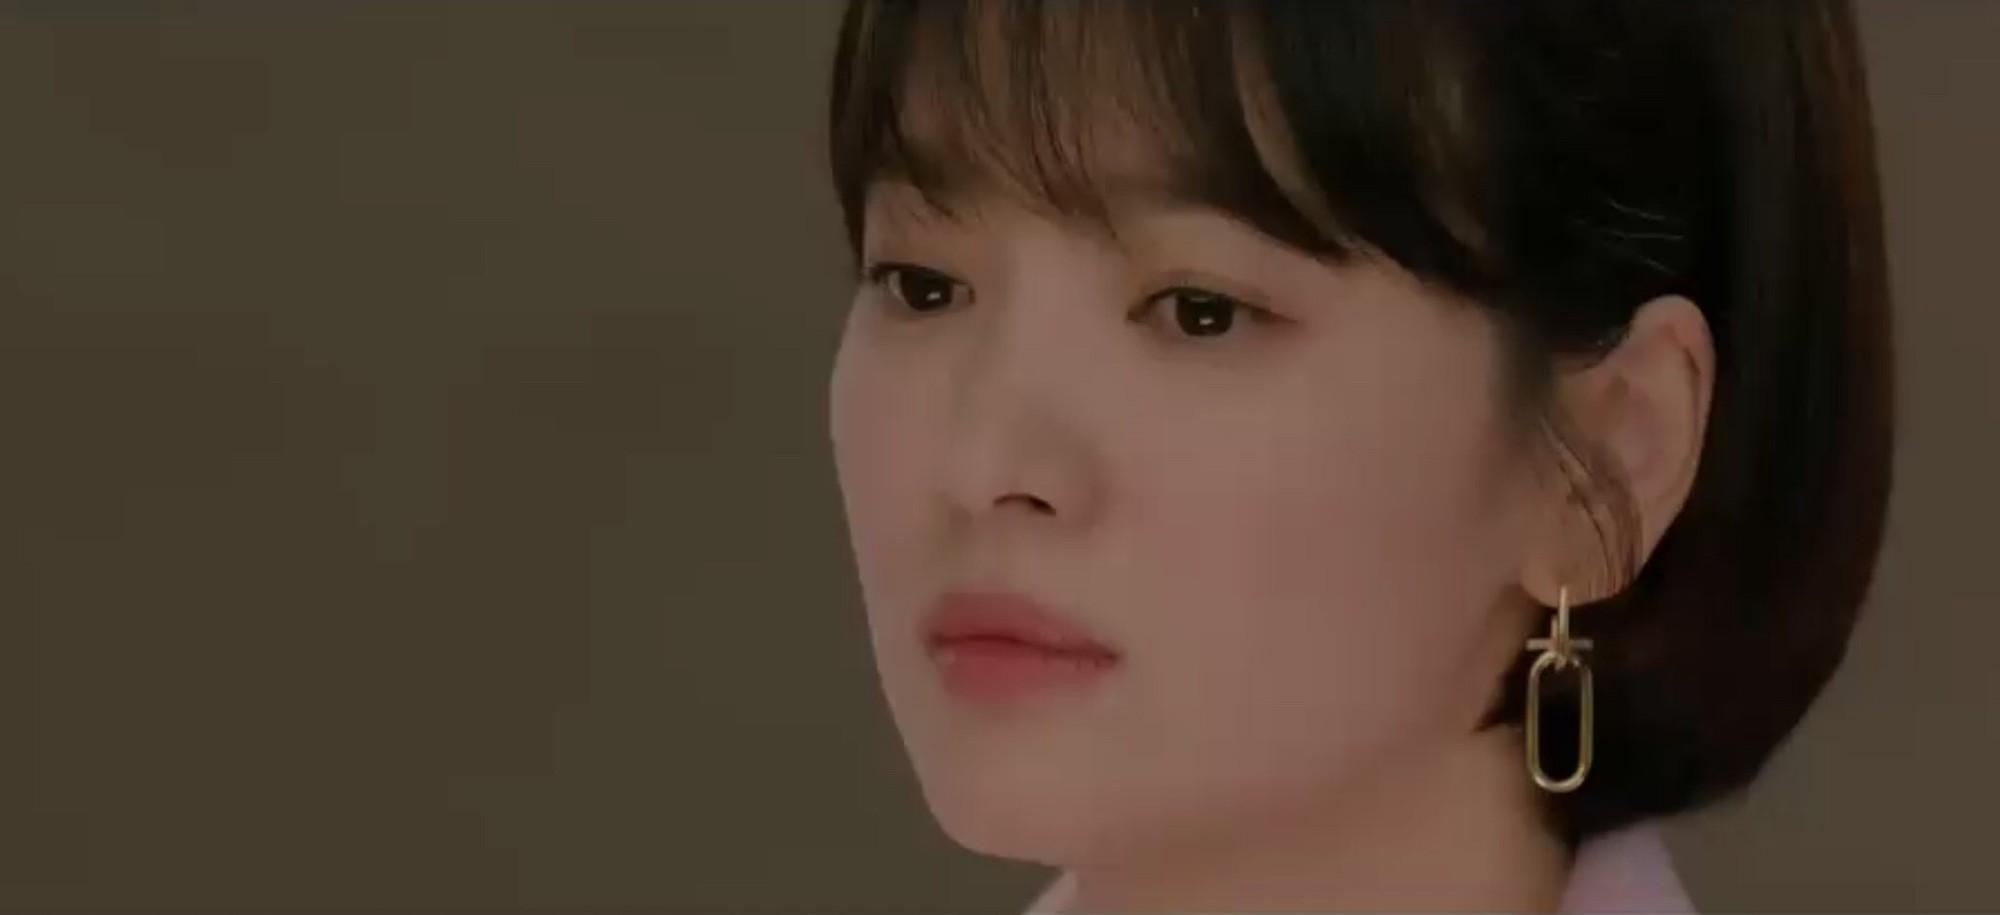 Nhờ chị sếp Song Hye Kyo trả thính liên tục, rating Encounter lại tăng nhẹ - Ảnh 8.